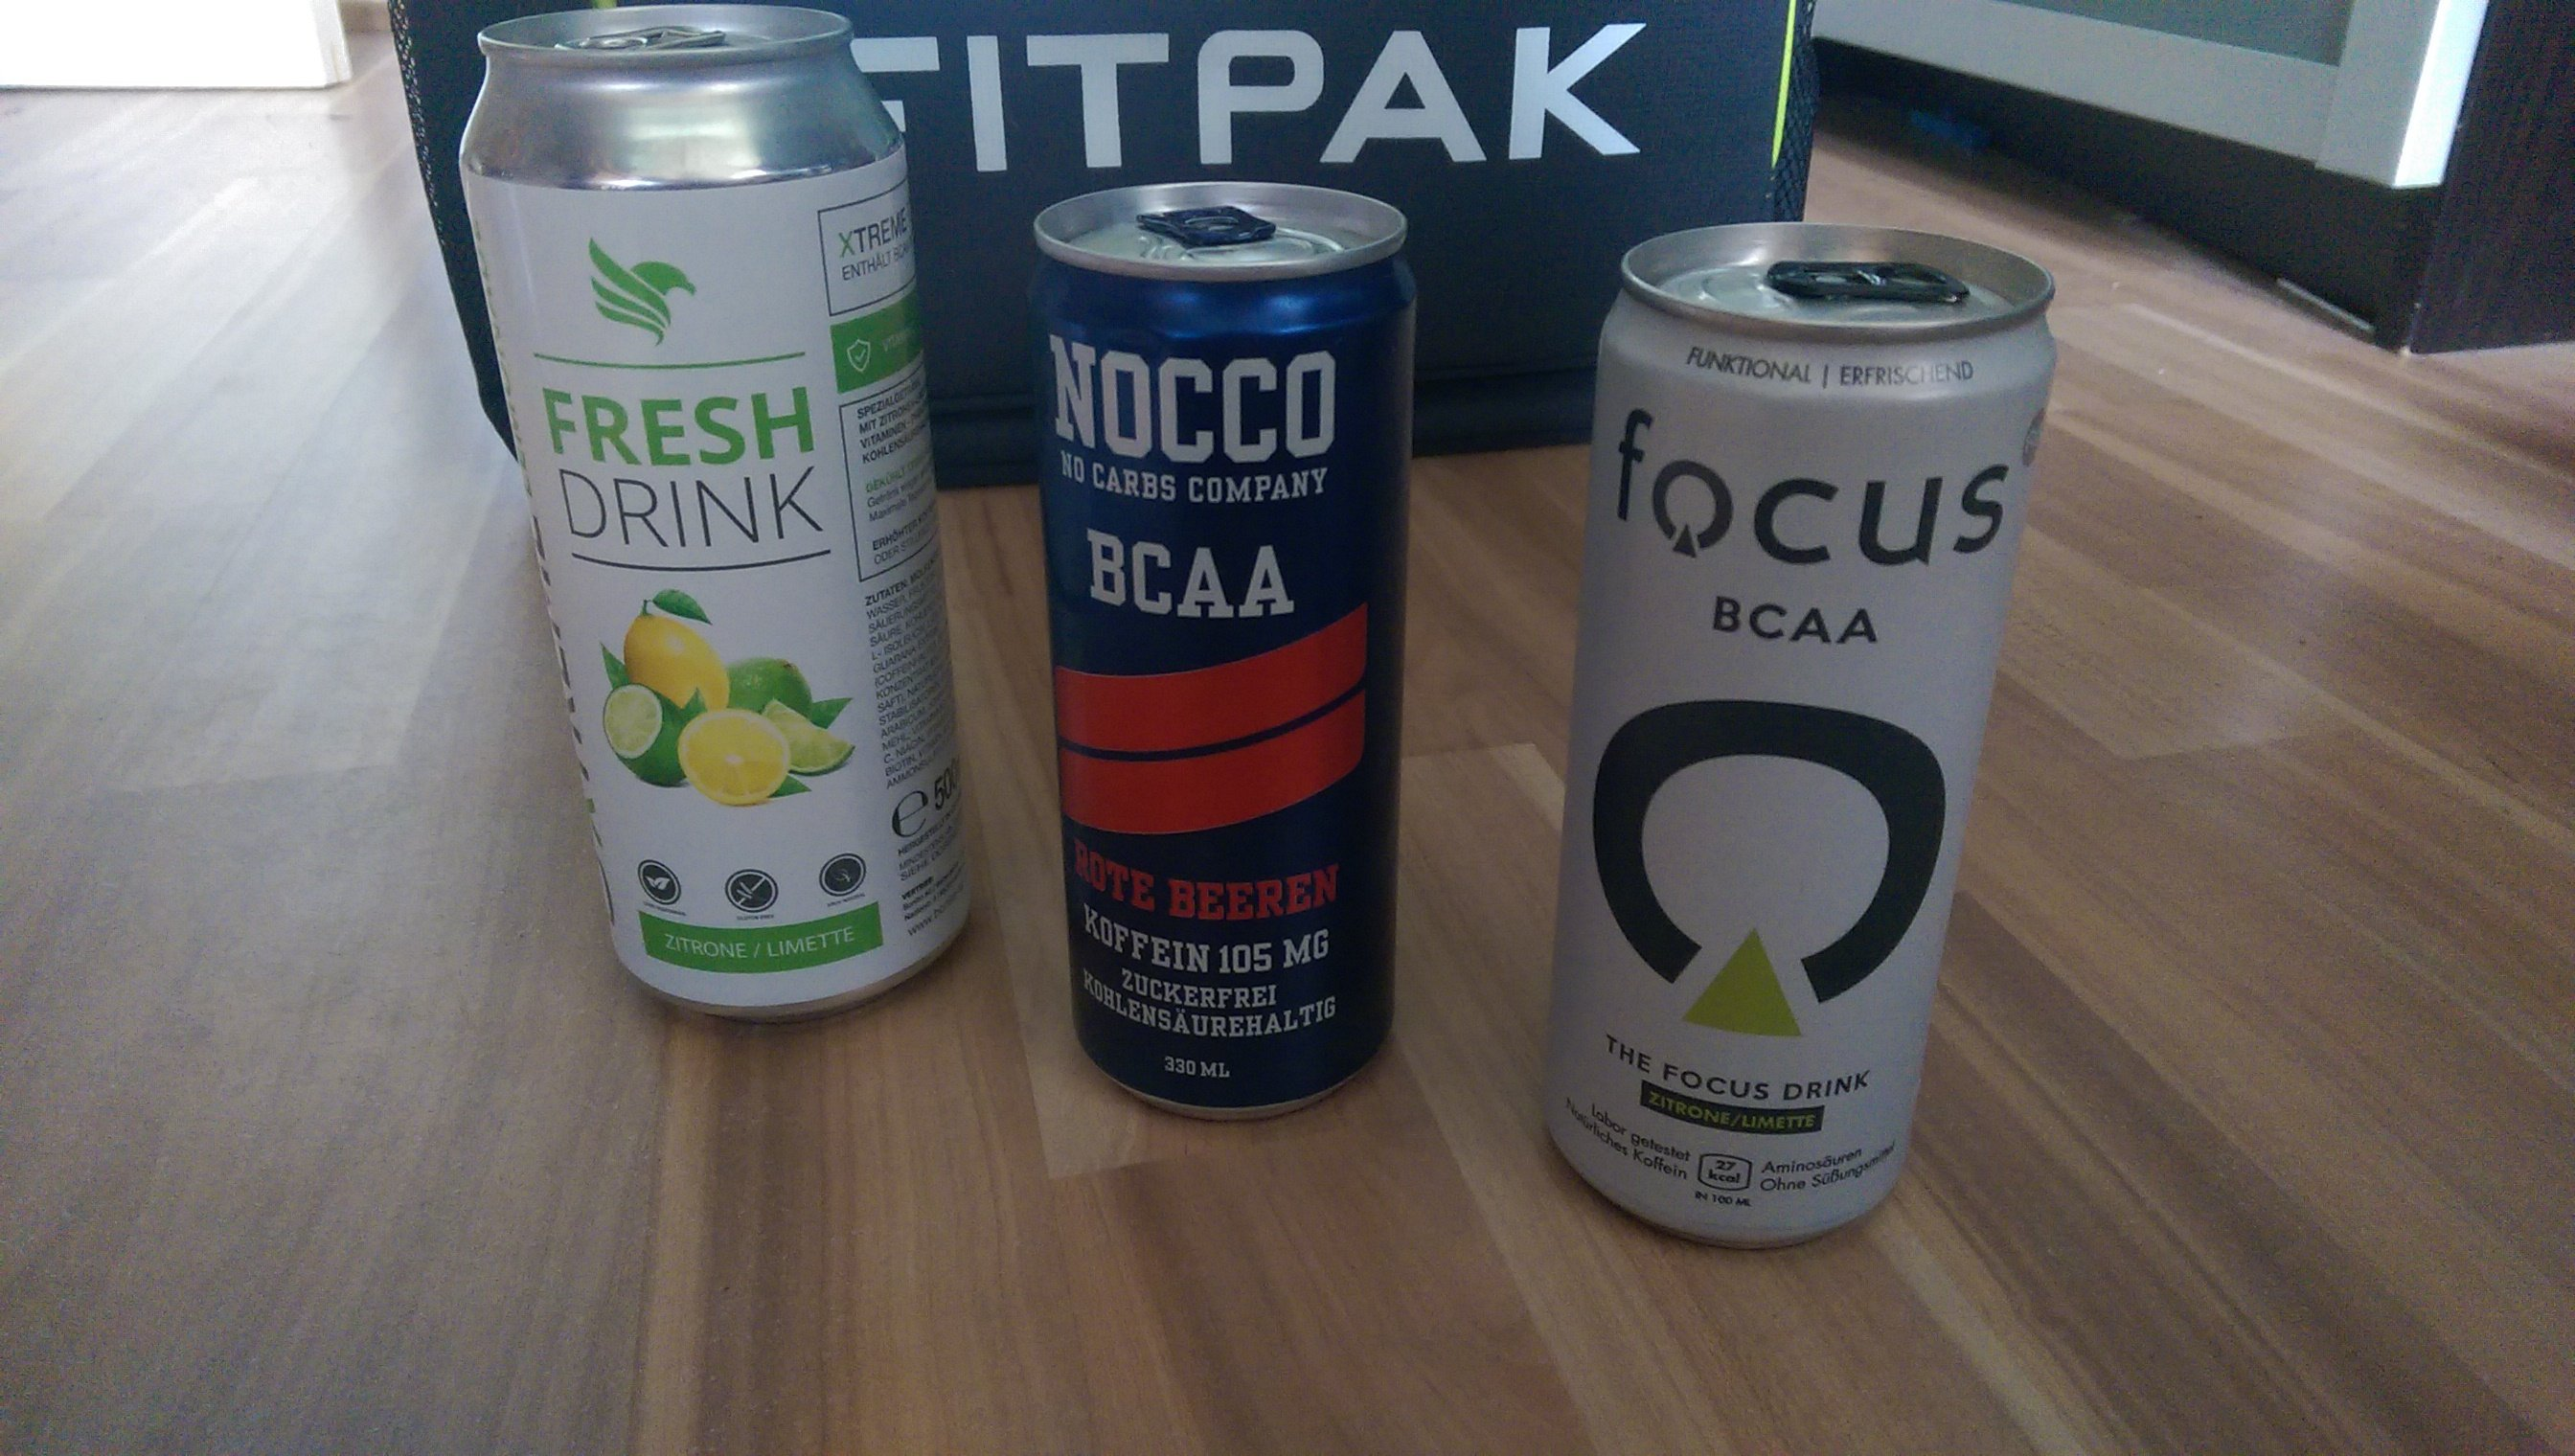 Welcher BCAA Drink ist der Beste? (BCAA Drink Vergleich)